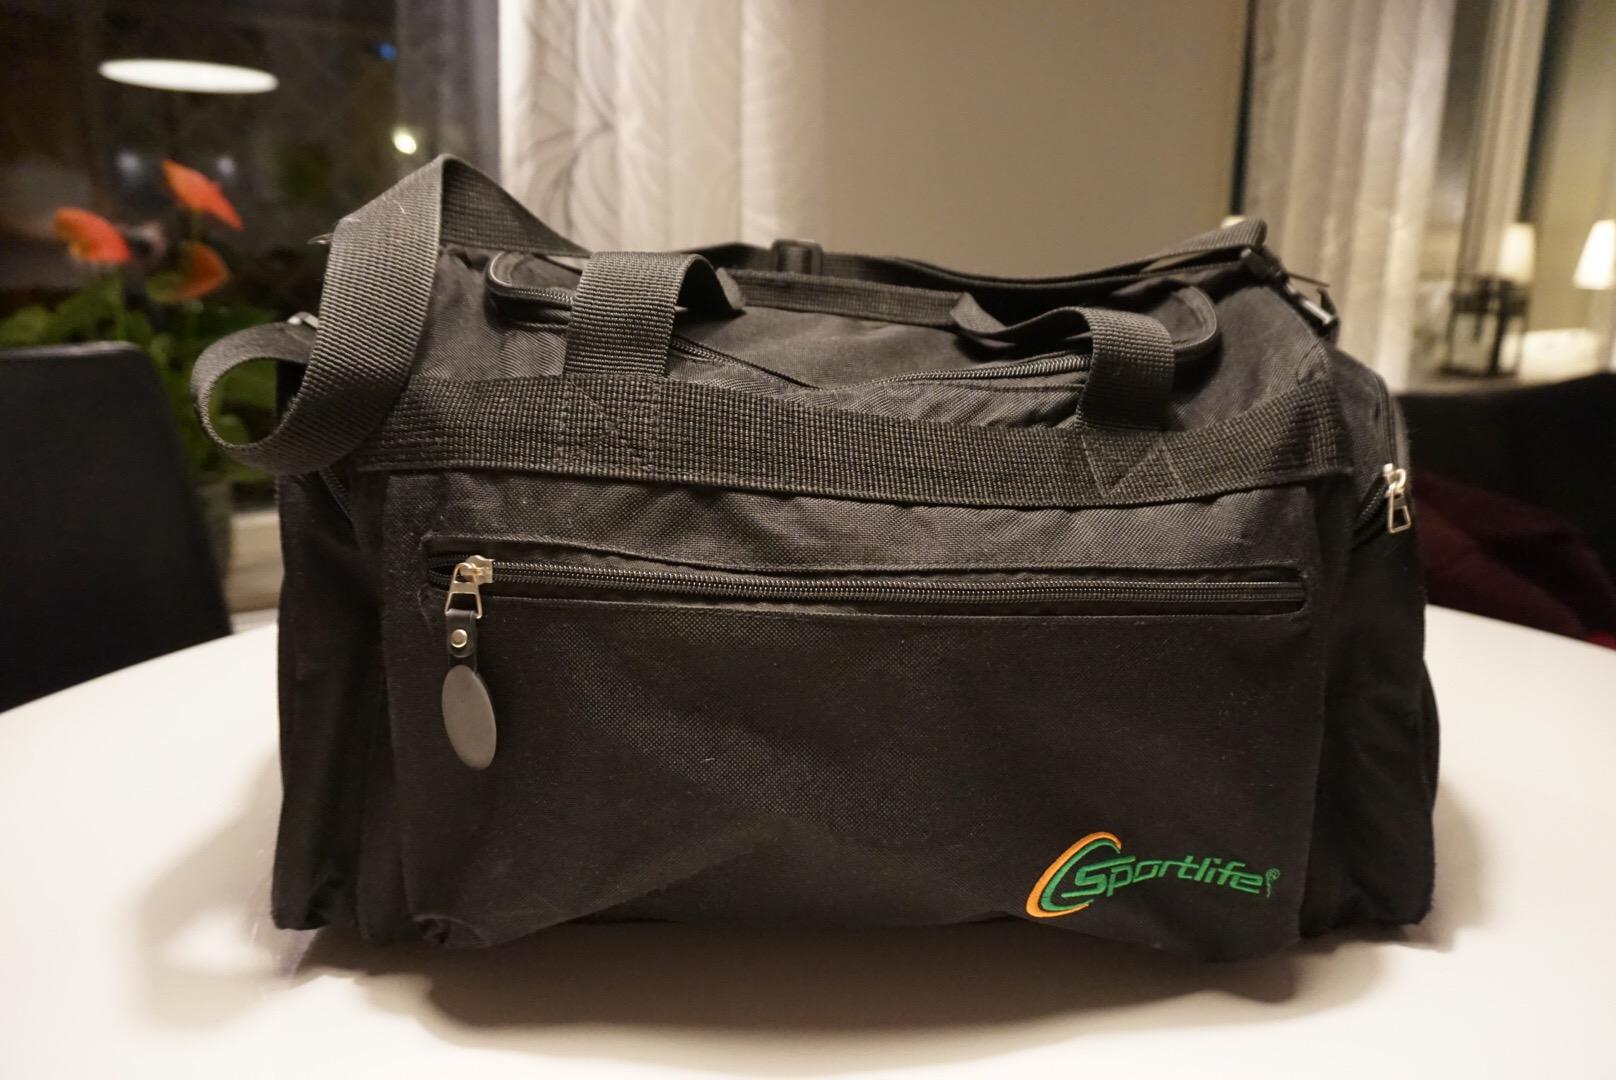 bb-väskan är äntligen packad